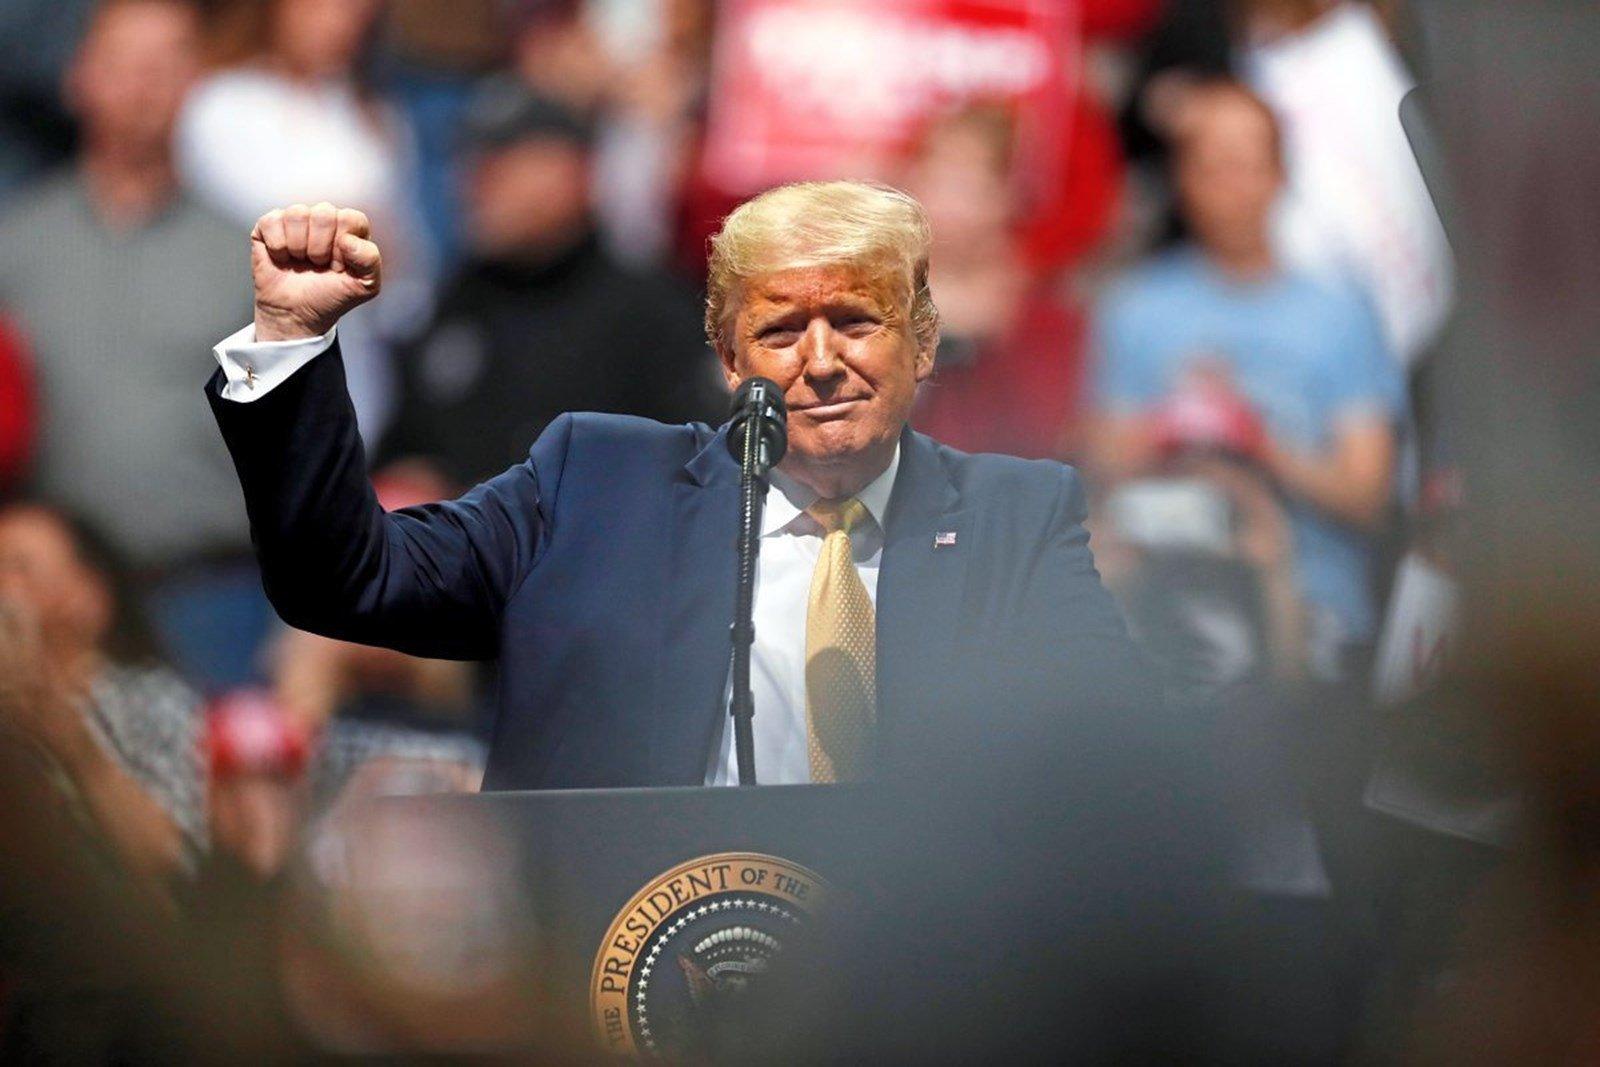 СМИ Австрии: по данным американских спецслужб, Россия хочет переизбрания Трампа